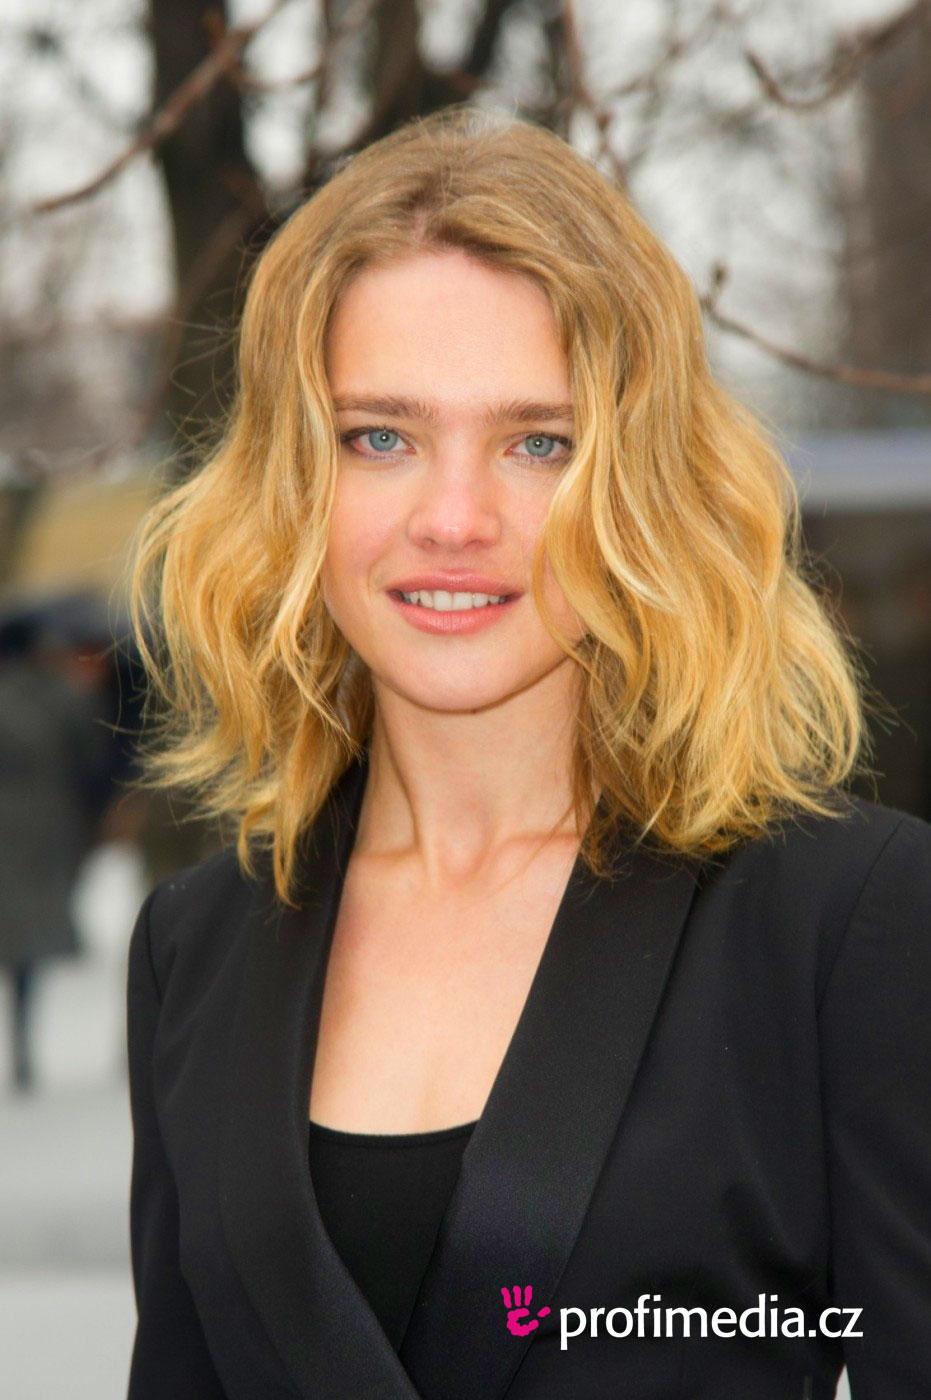 Natalia Vodianova Hairstyle Easyhairstyler